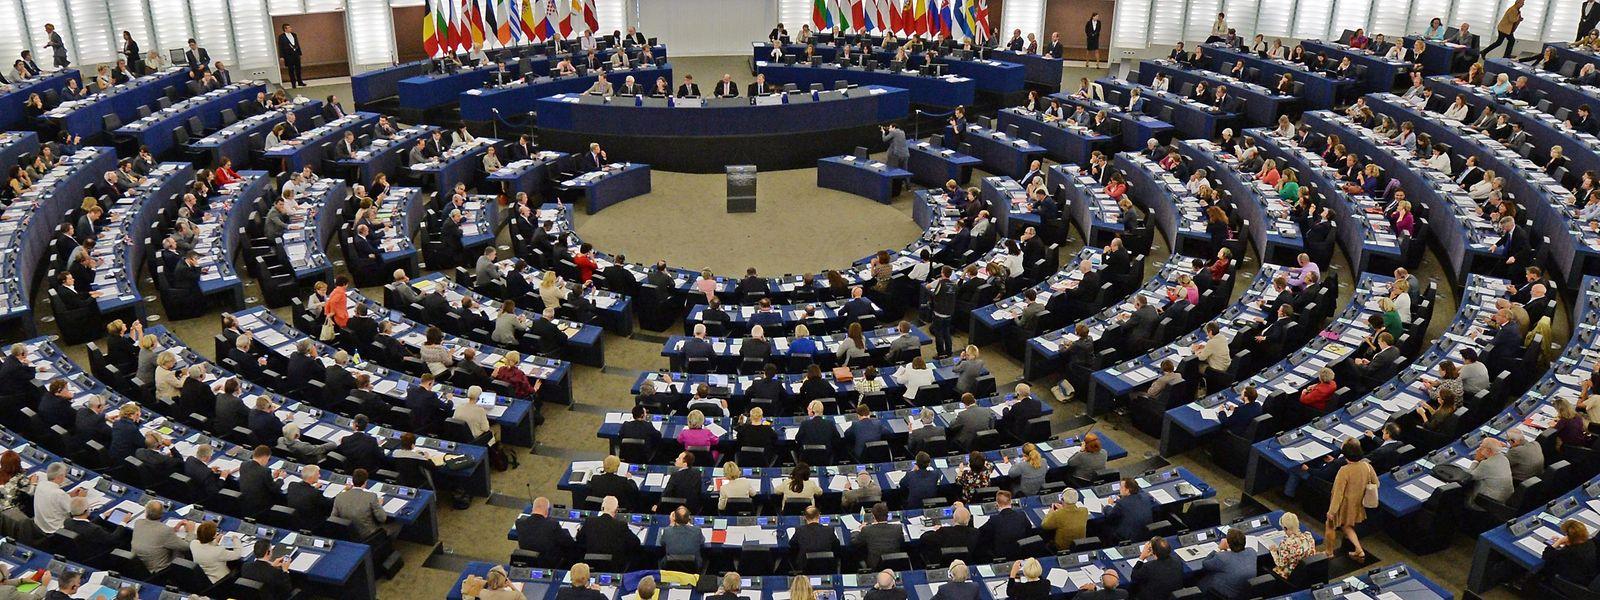 Die EU-Abgeordneten sind verpflichtet, ihre Nebeneinkünfte offenzulegen, ohne jedoch den genauen Betrag anzugeben.